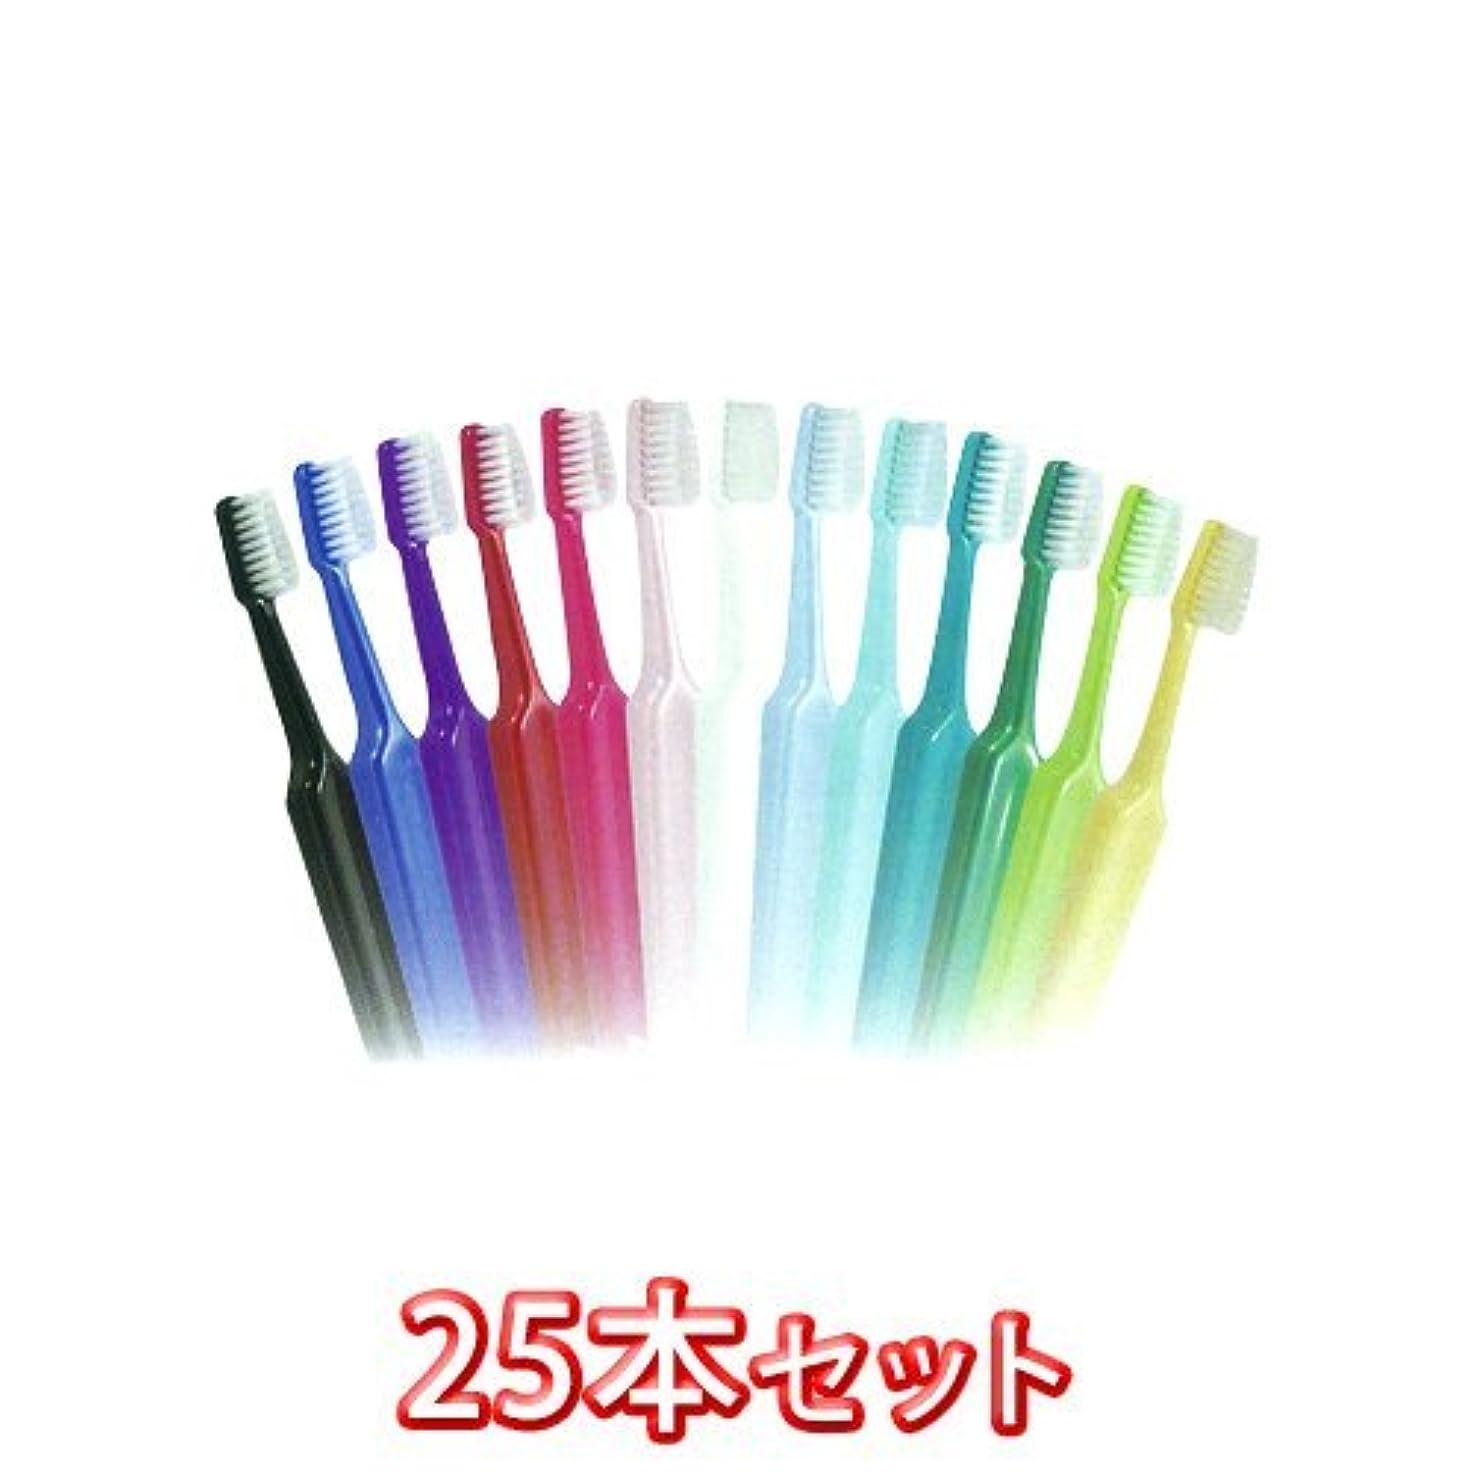 怒るしてはいけない雪だるまTePe セレクトソフト 歯ブラシ 25本入